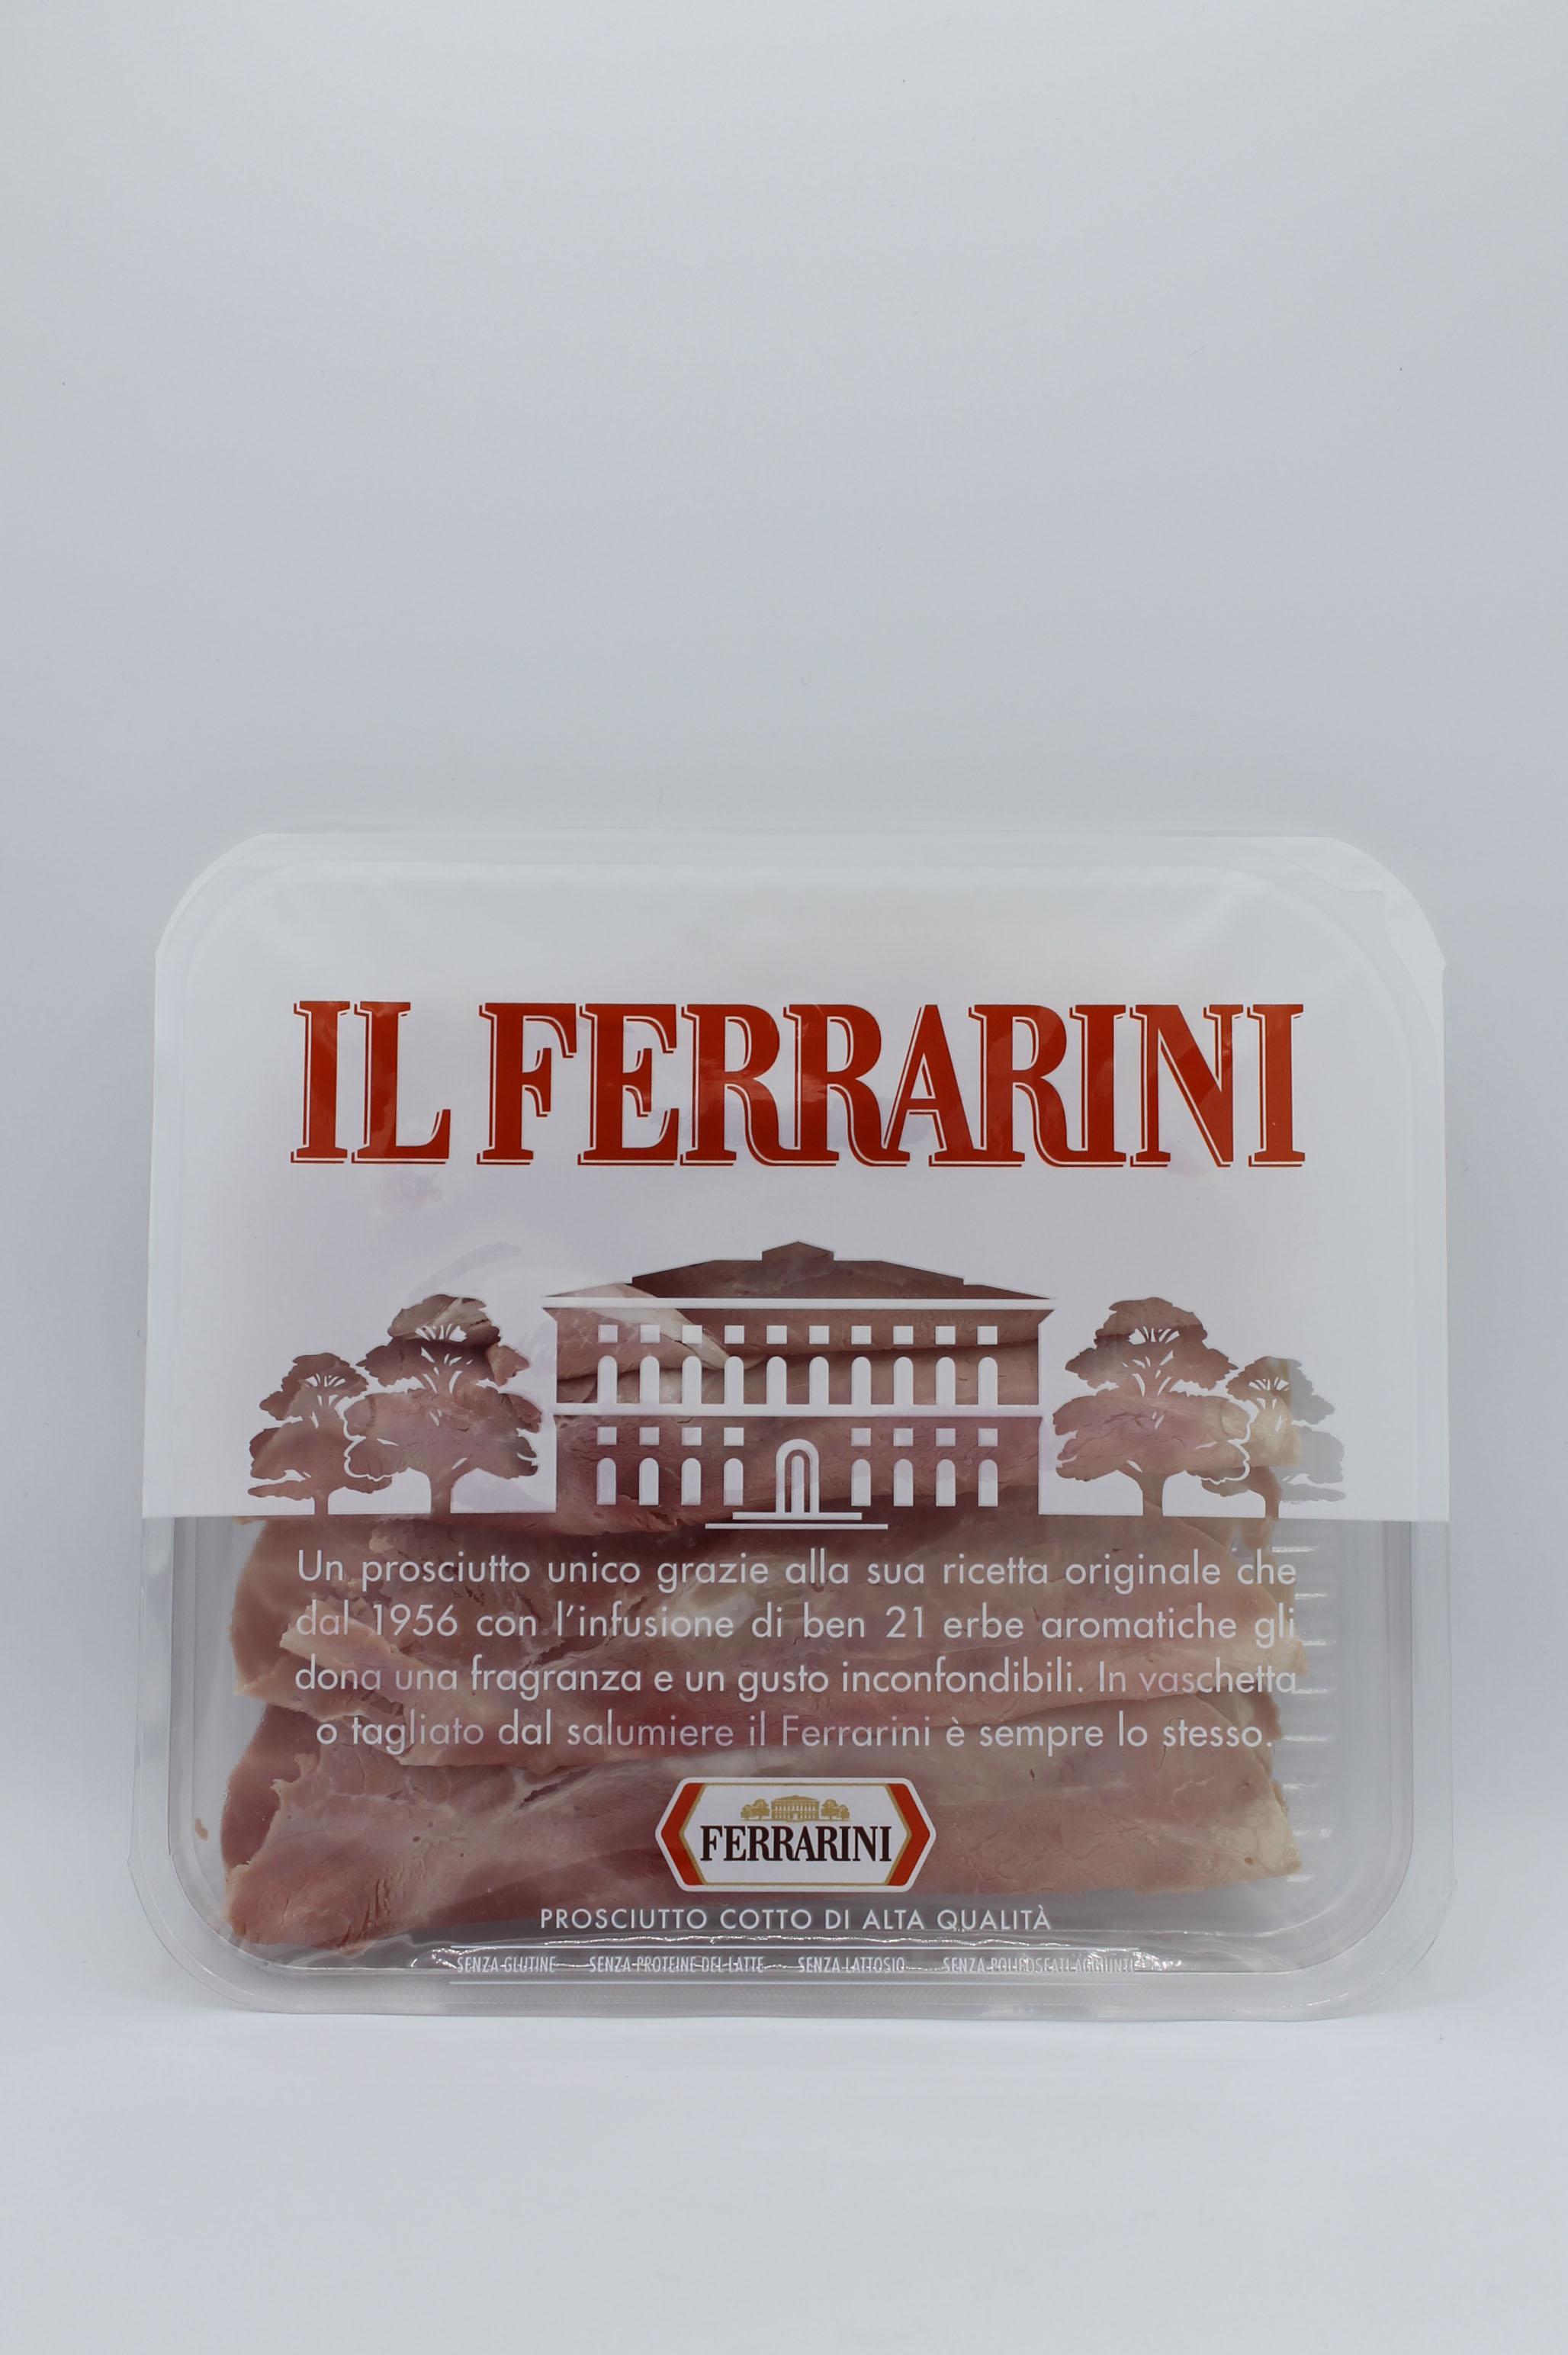 Ferrarini prosciutto cotto 100gr.